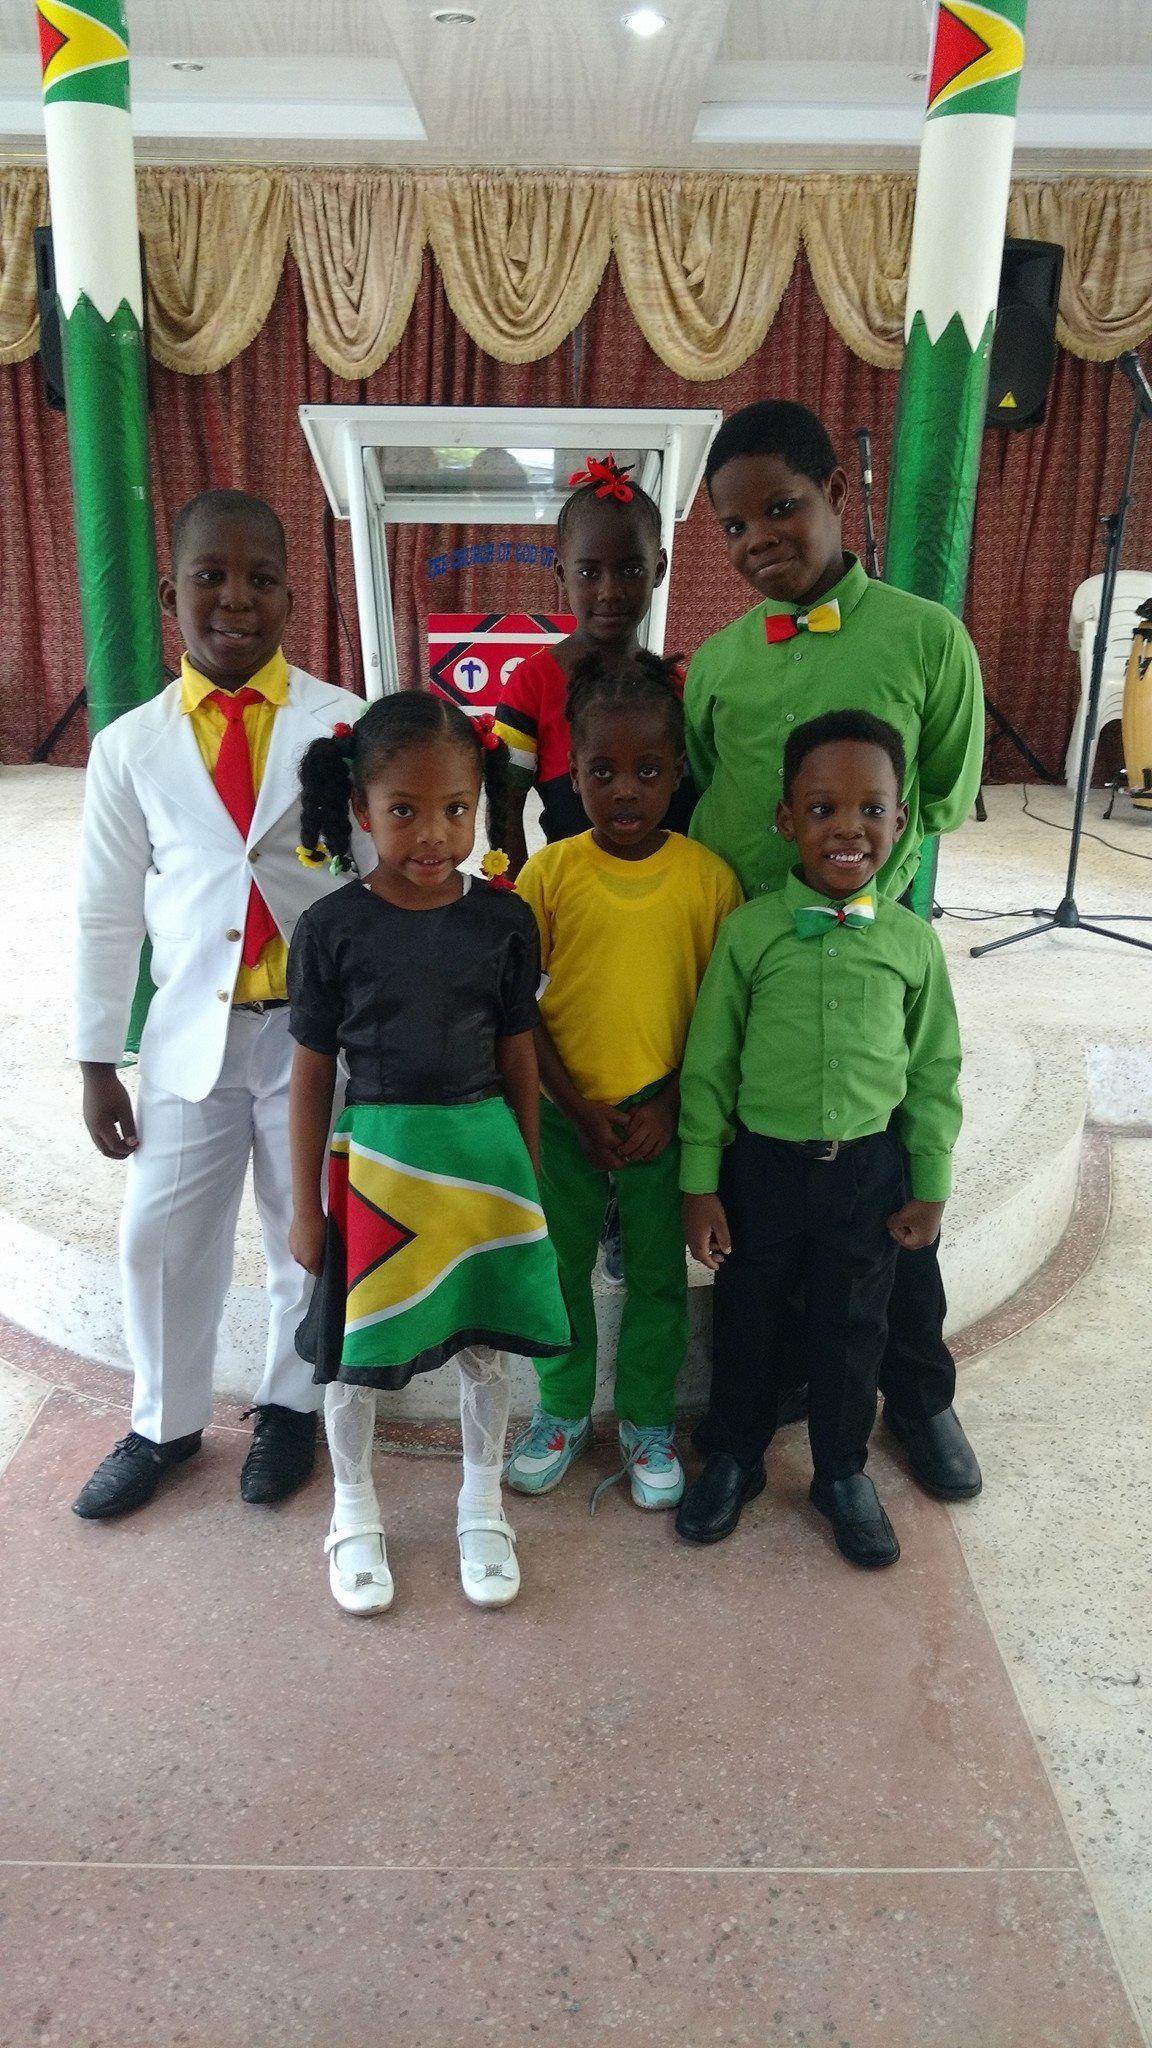 Guyana 🇬🇾 Flag outfit Jamaica outfits, Guyana flag, Flag